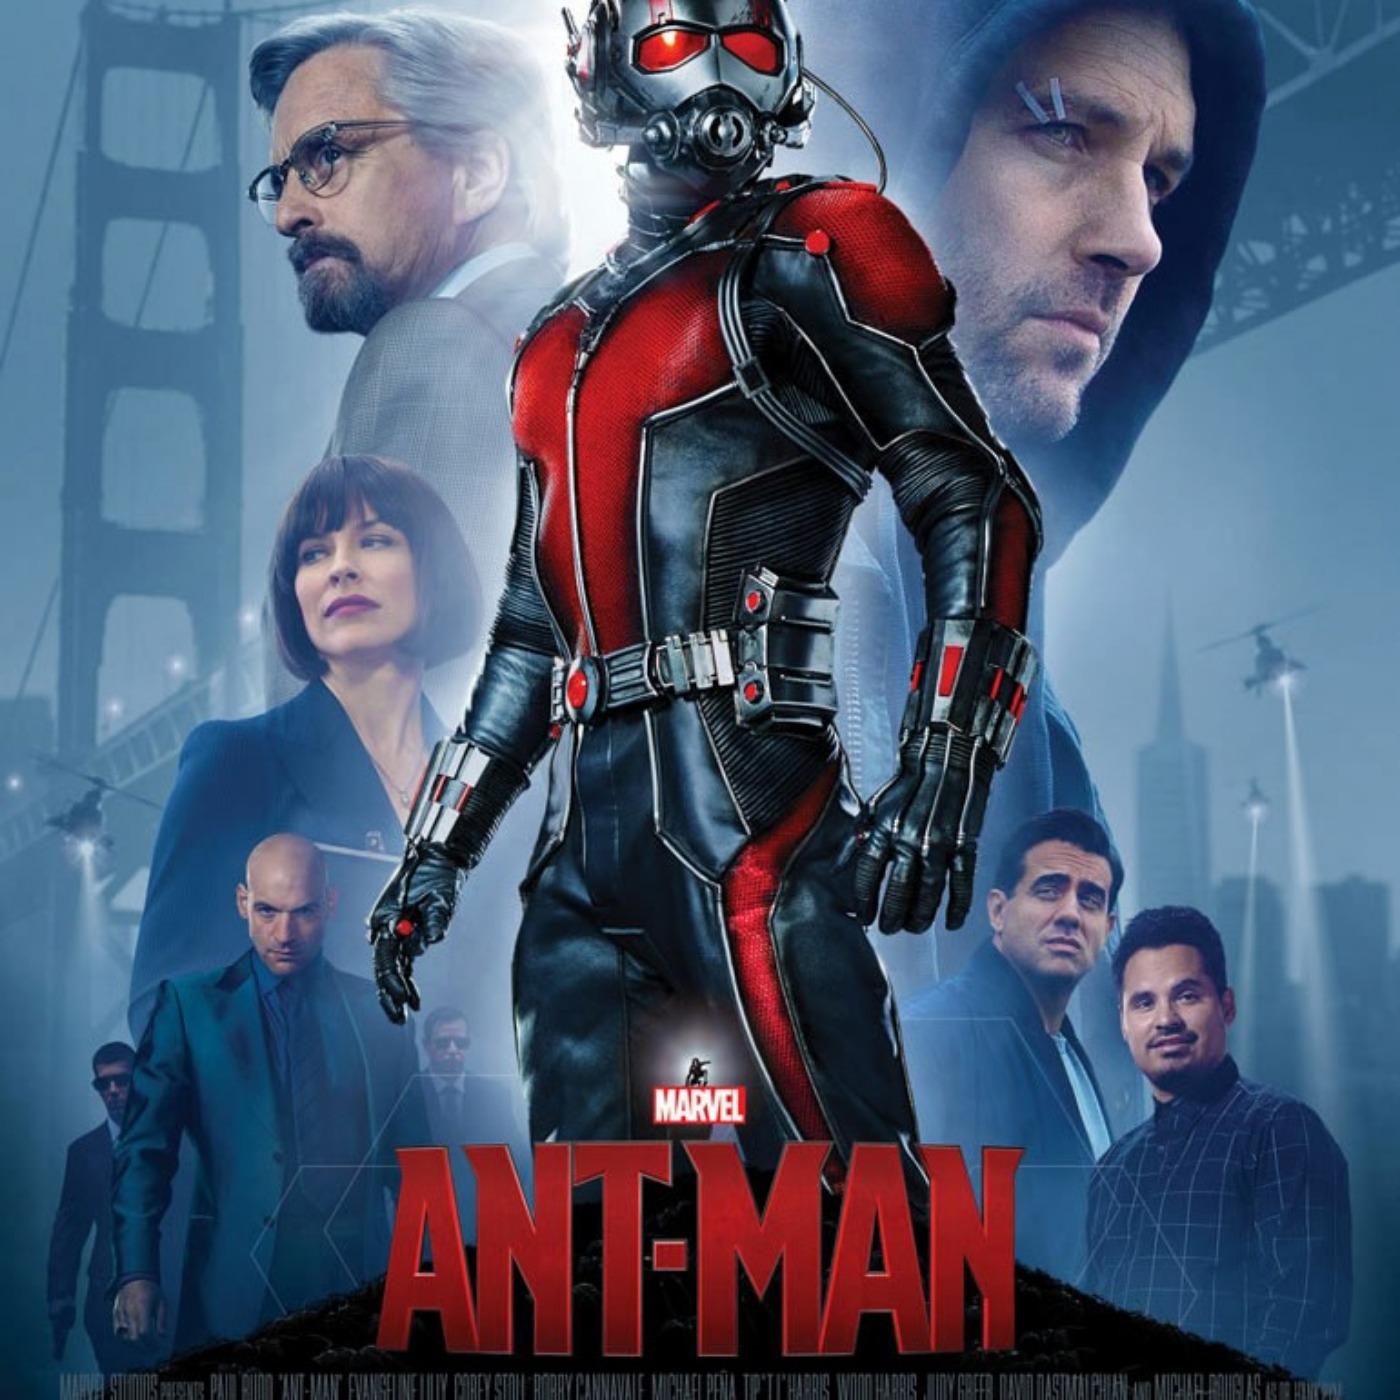 Critique du film ANT-MAN | Saga Marvel